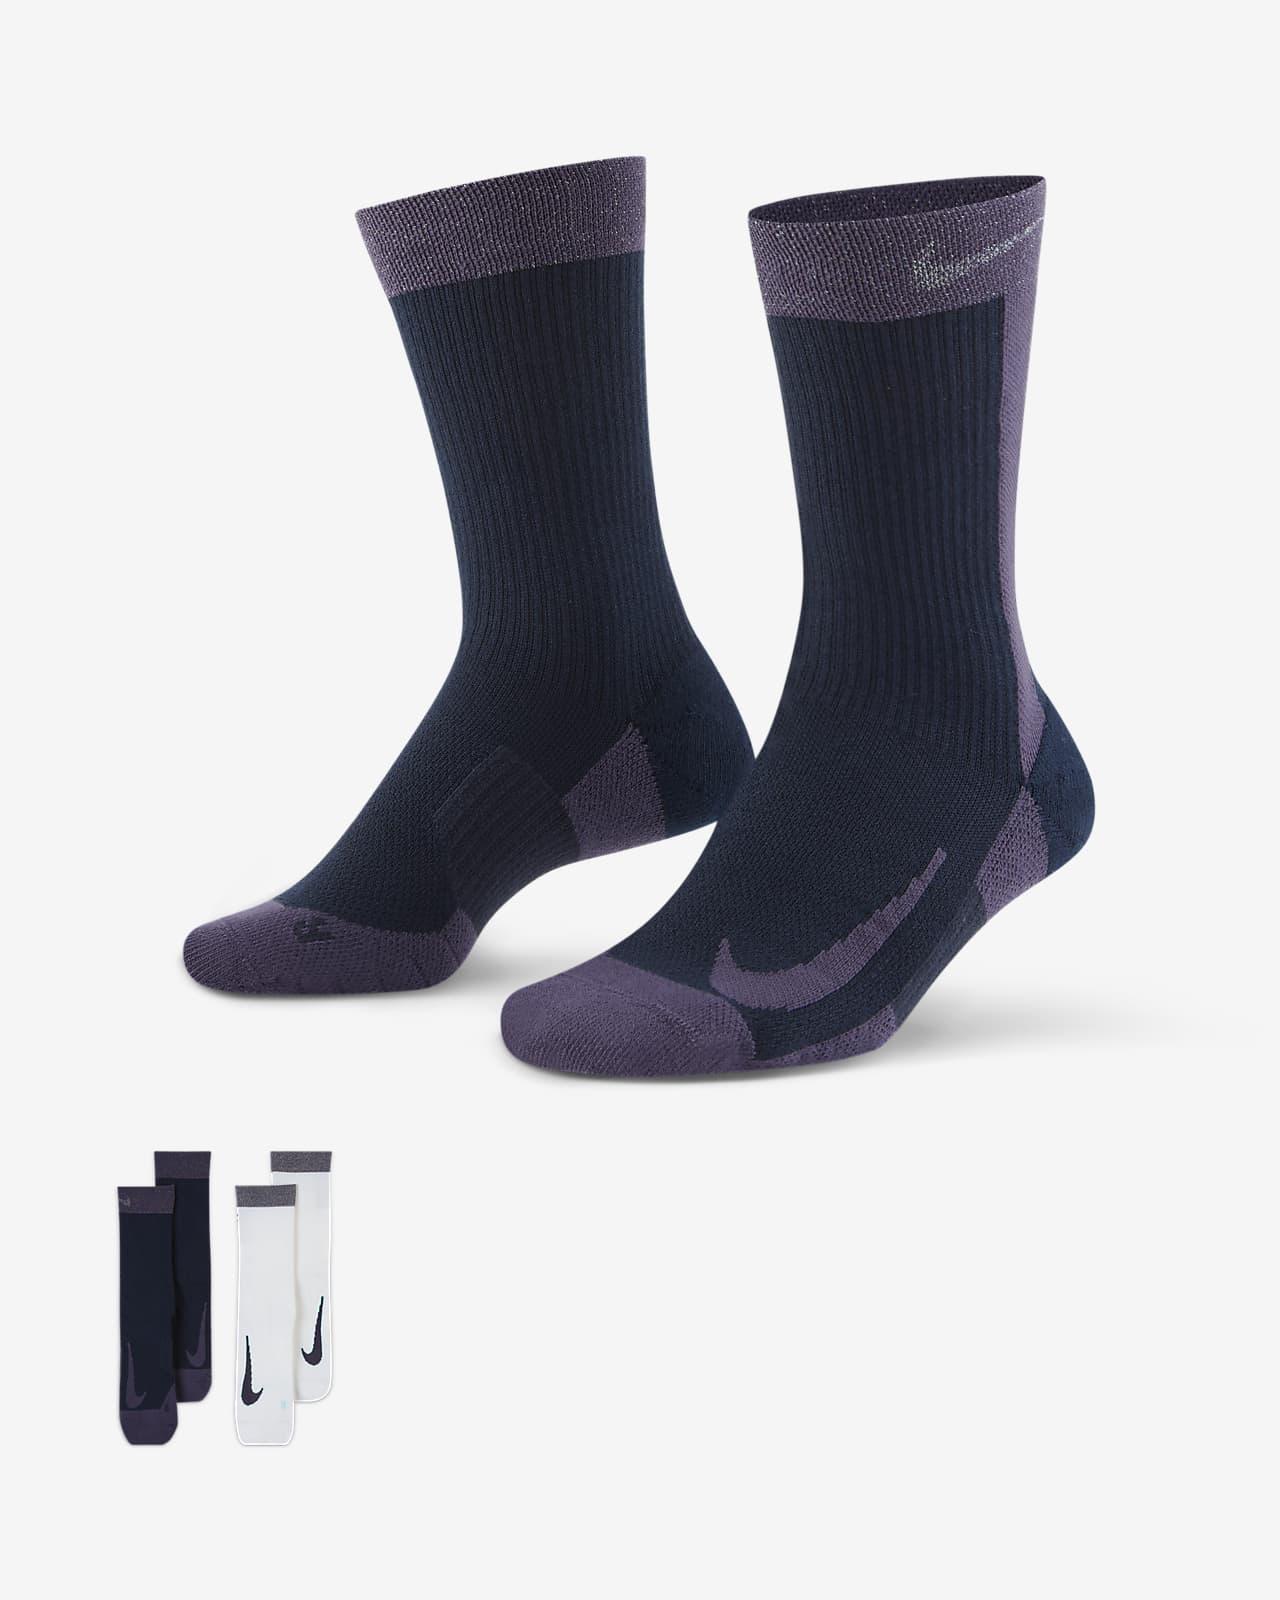 Chaussettes de tennis mi-mollet NikeCourt Multiplier Max (2 paires)